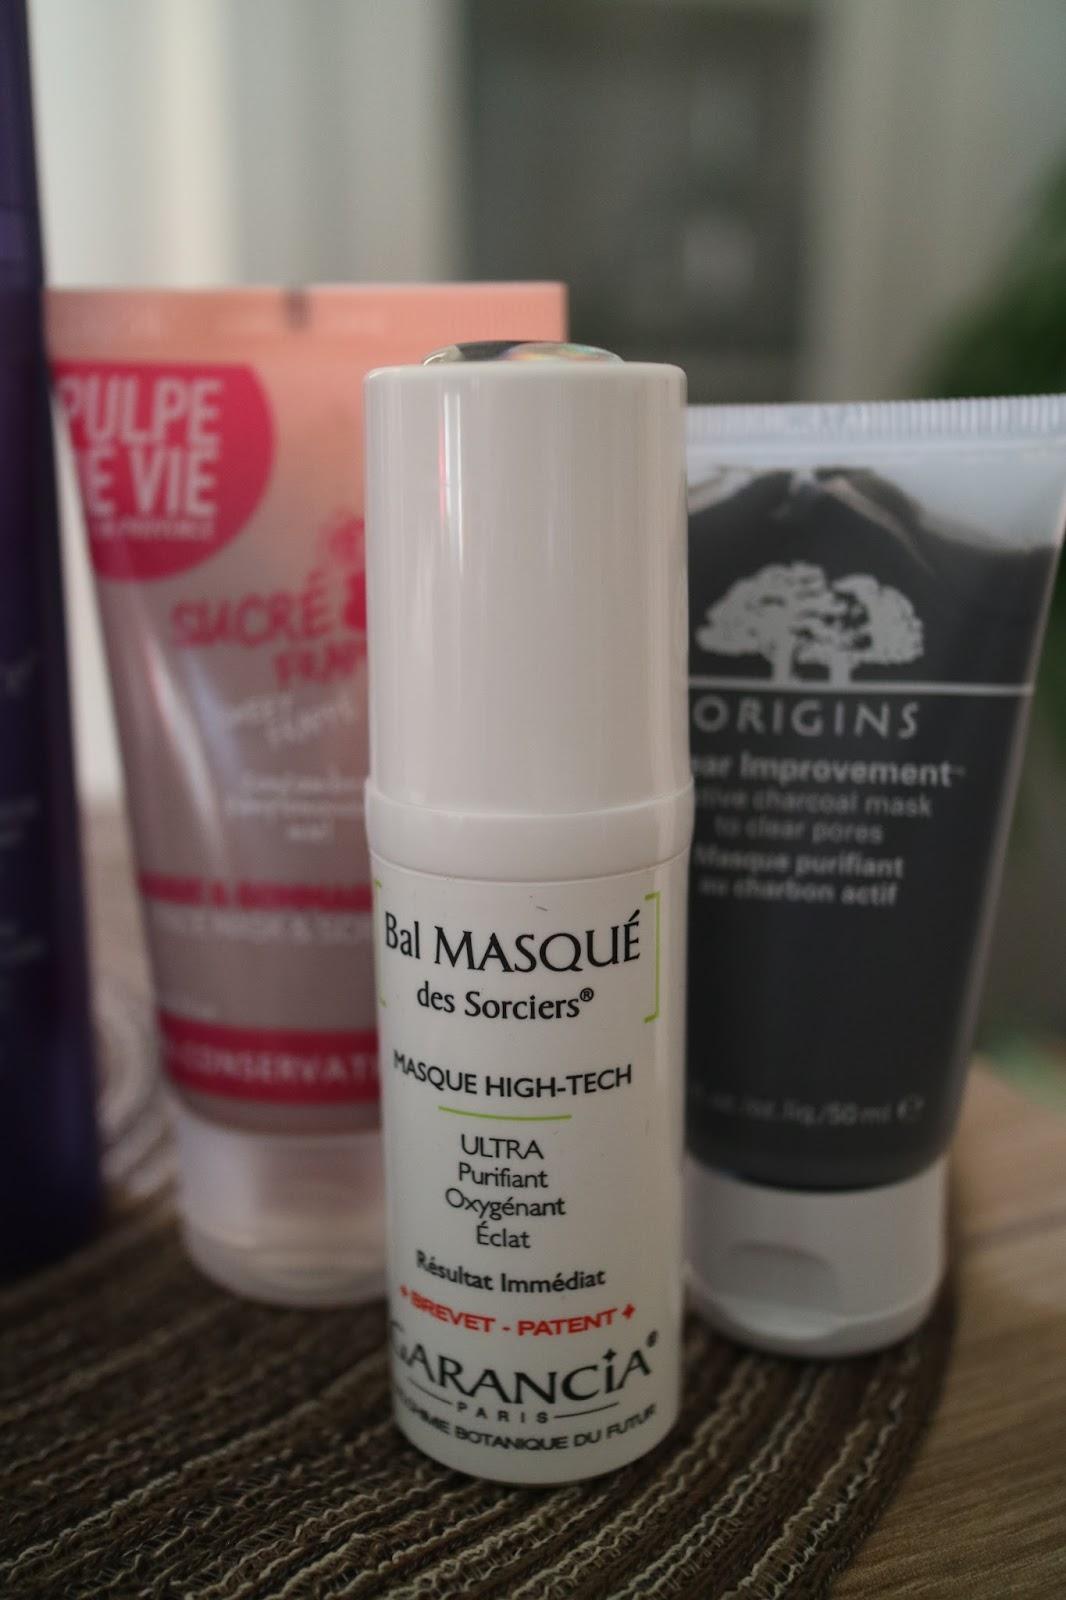 Routine soins du visage sp ciale peau grasse for Peinture qui masque les imperfections